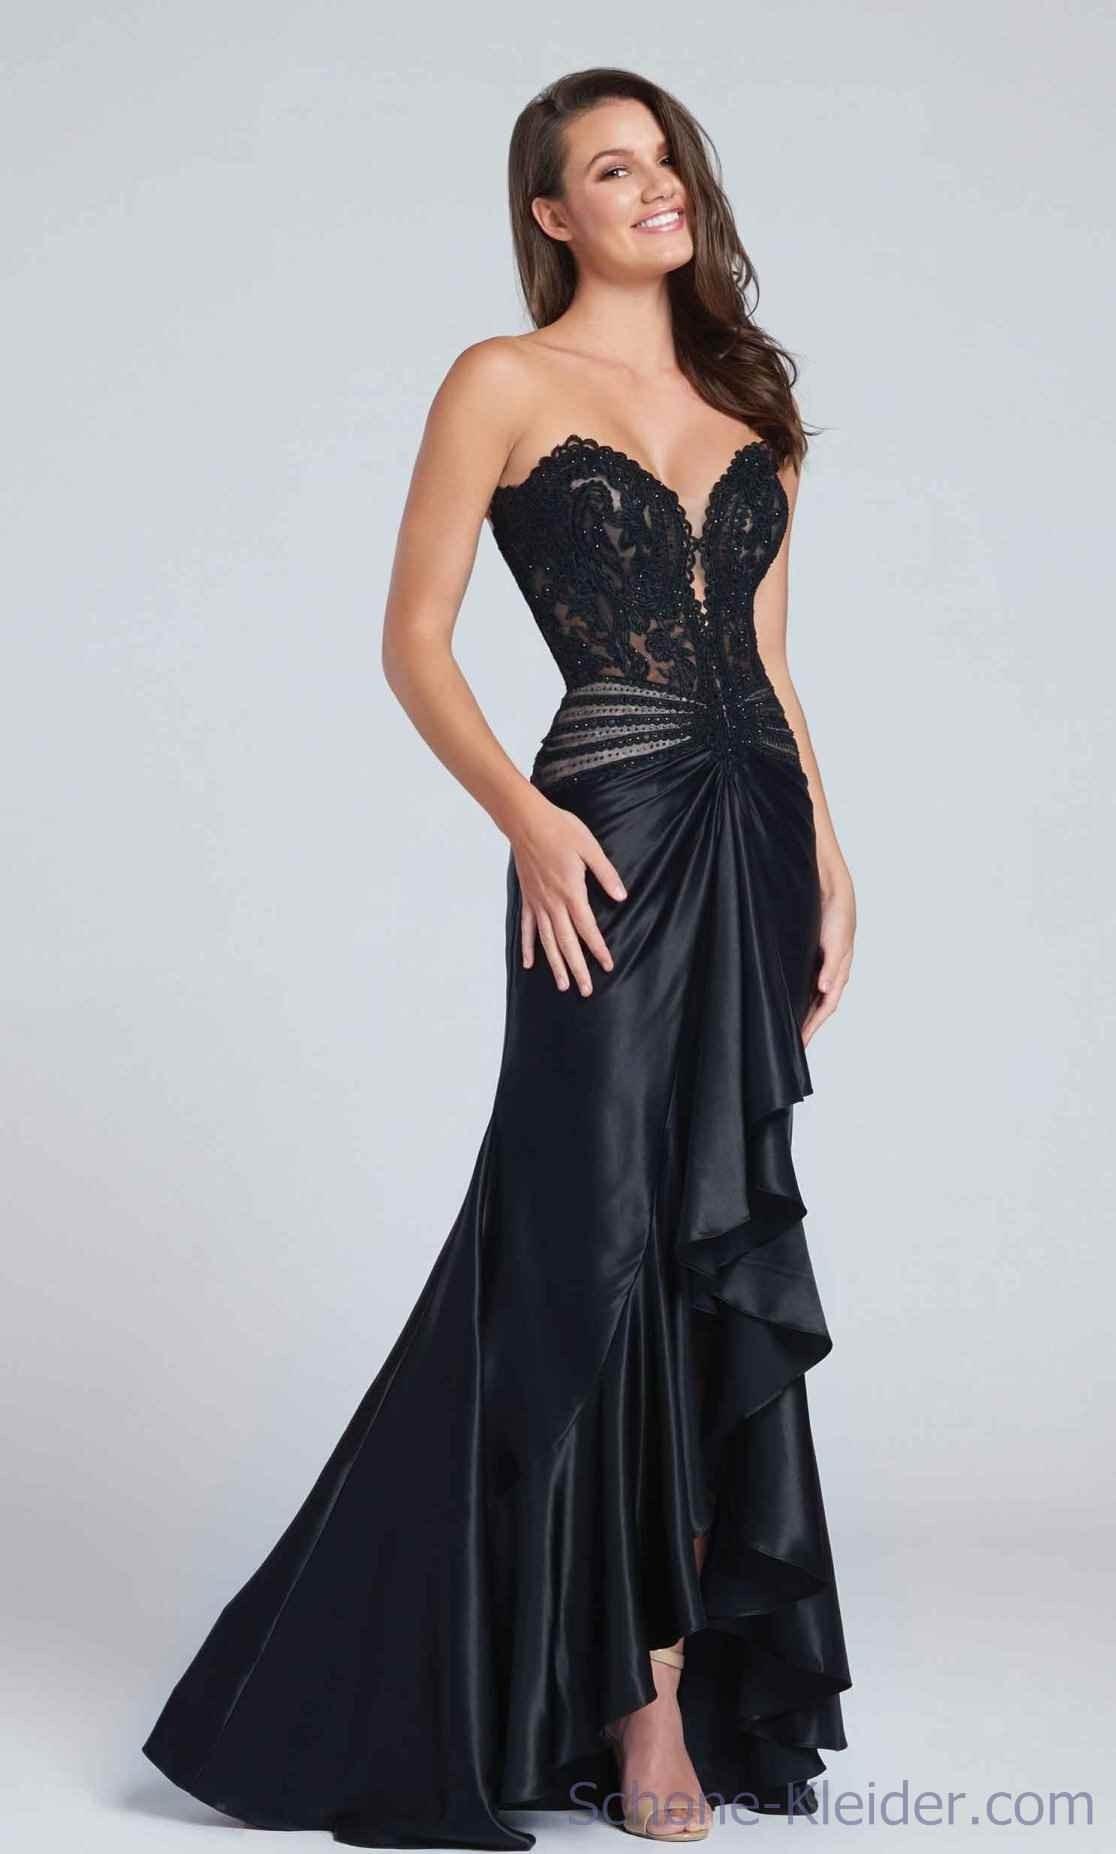 13 Luxurius Abendkleid Lang Spitze Schwarz VertriebFormal Ausgezeichnet Abendkleid Lang Spitze Schwarz für 2019